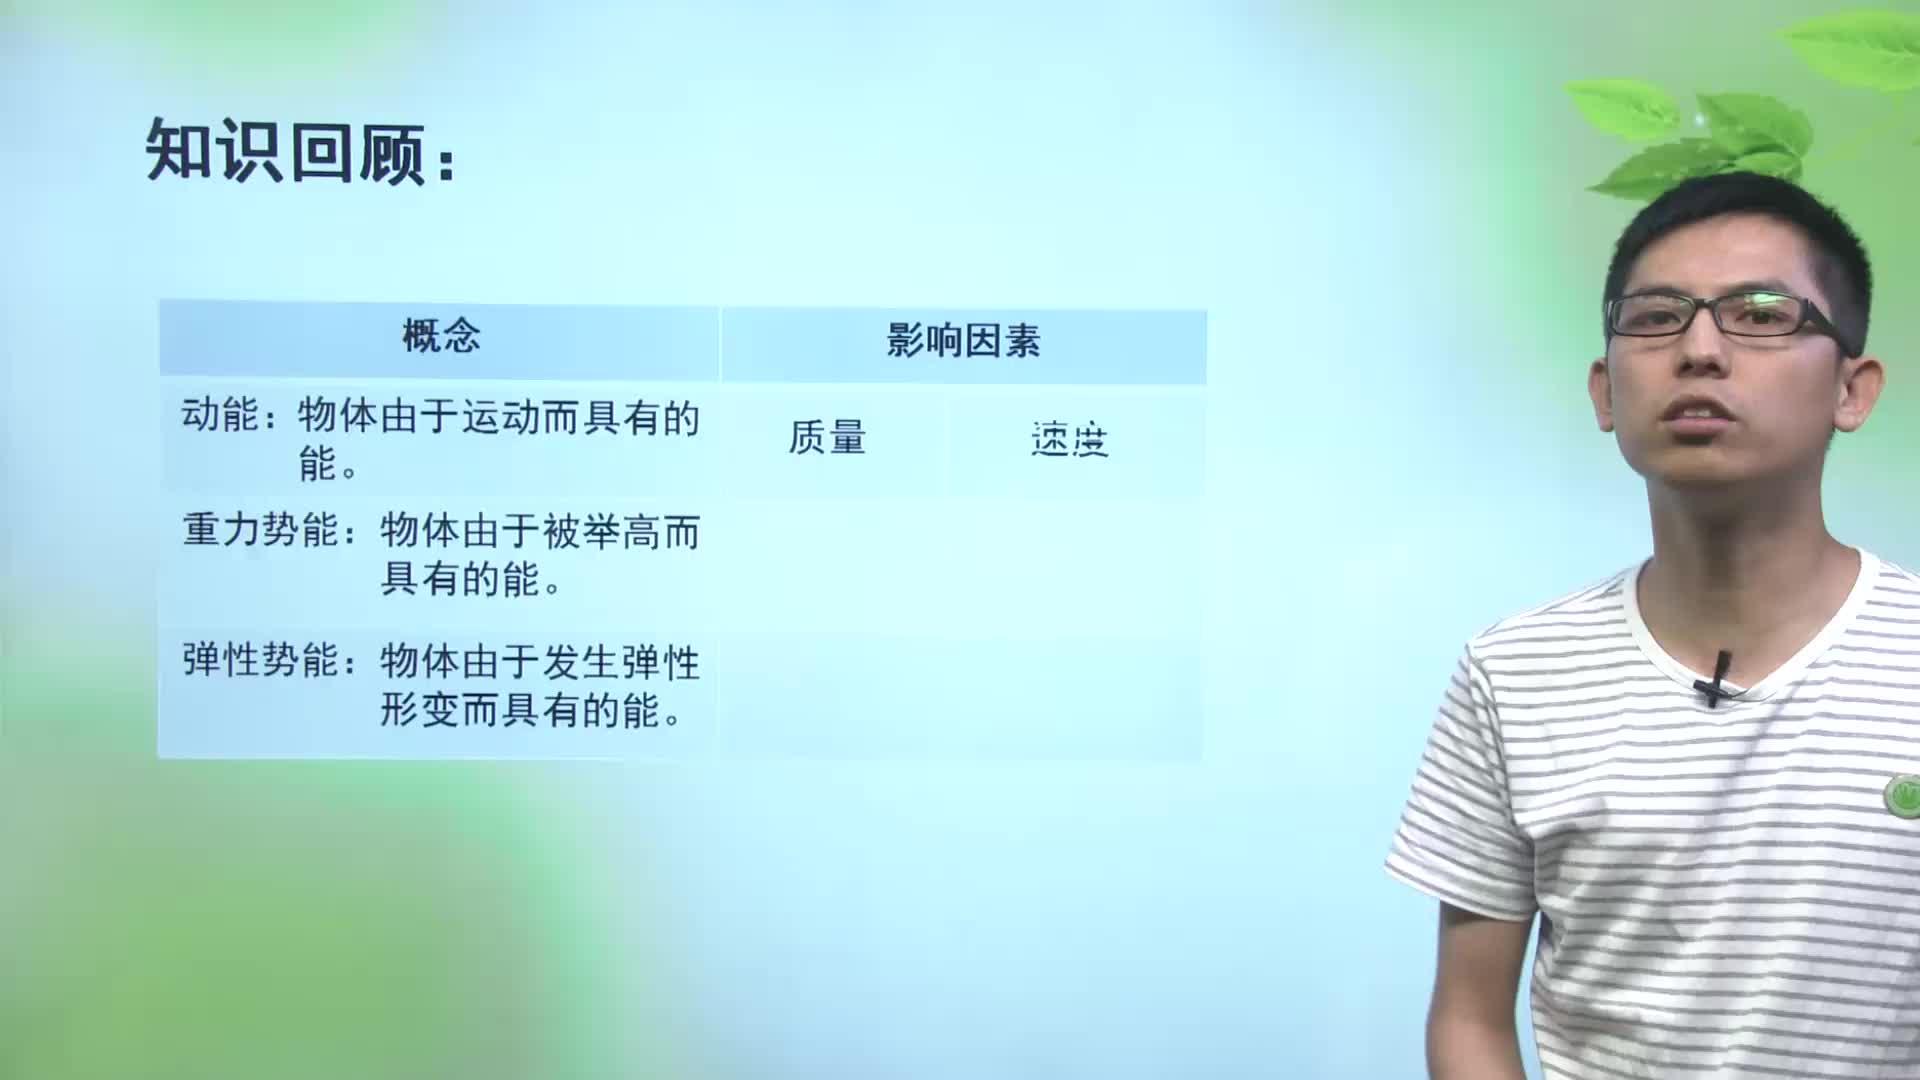 视频3.2.3动能和重力势能的转化-【慕联】初中完全同步系列浙教版科学九年级上册